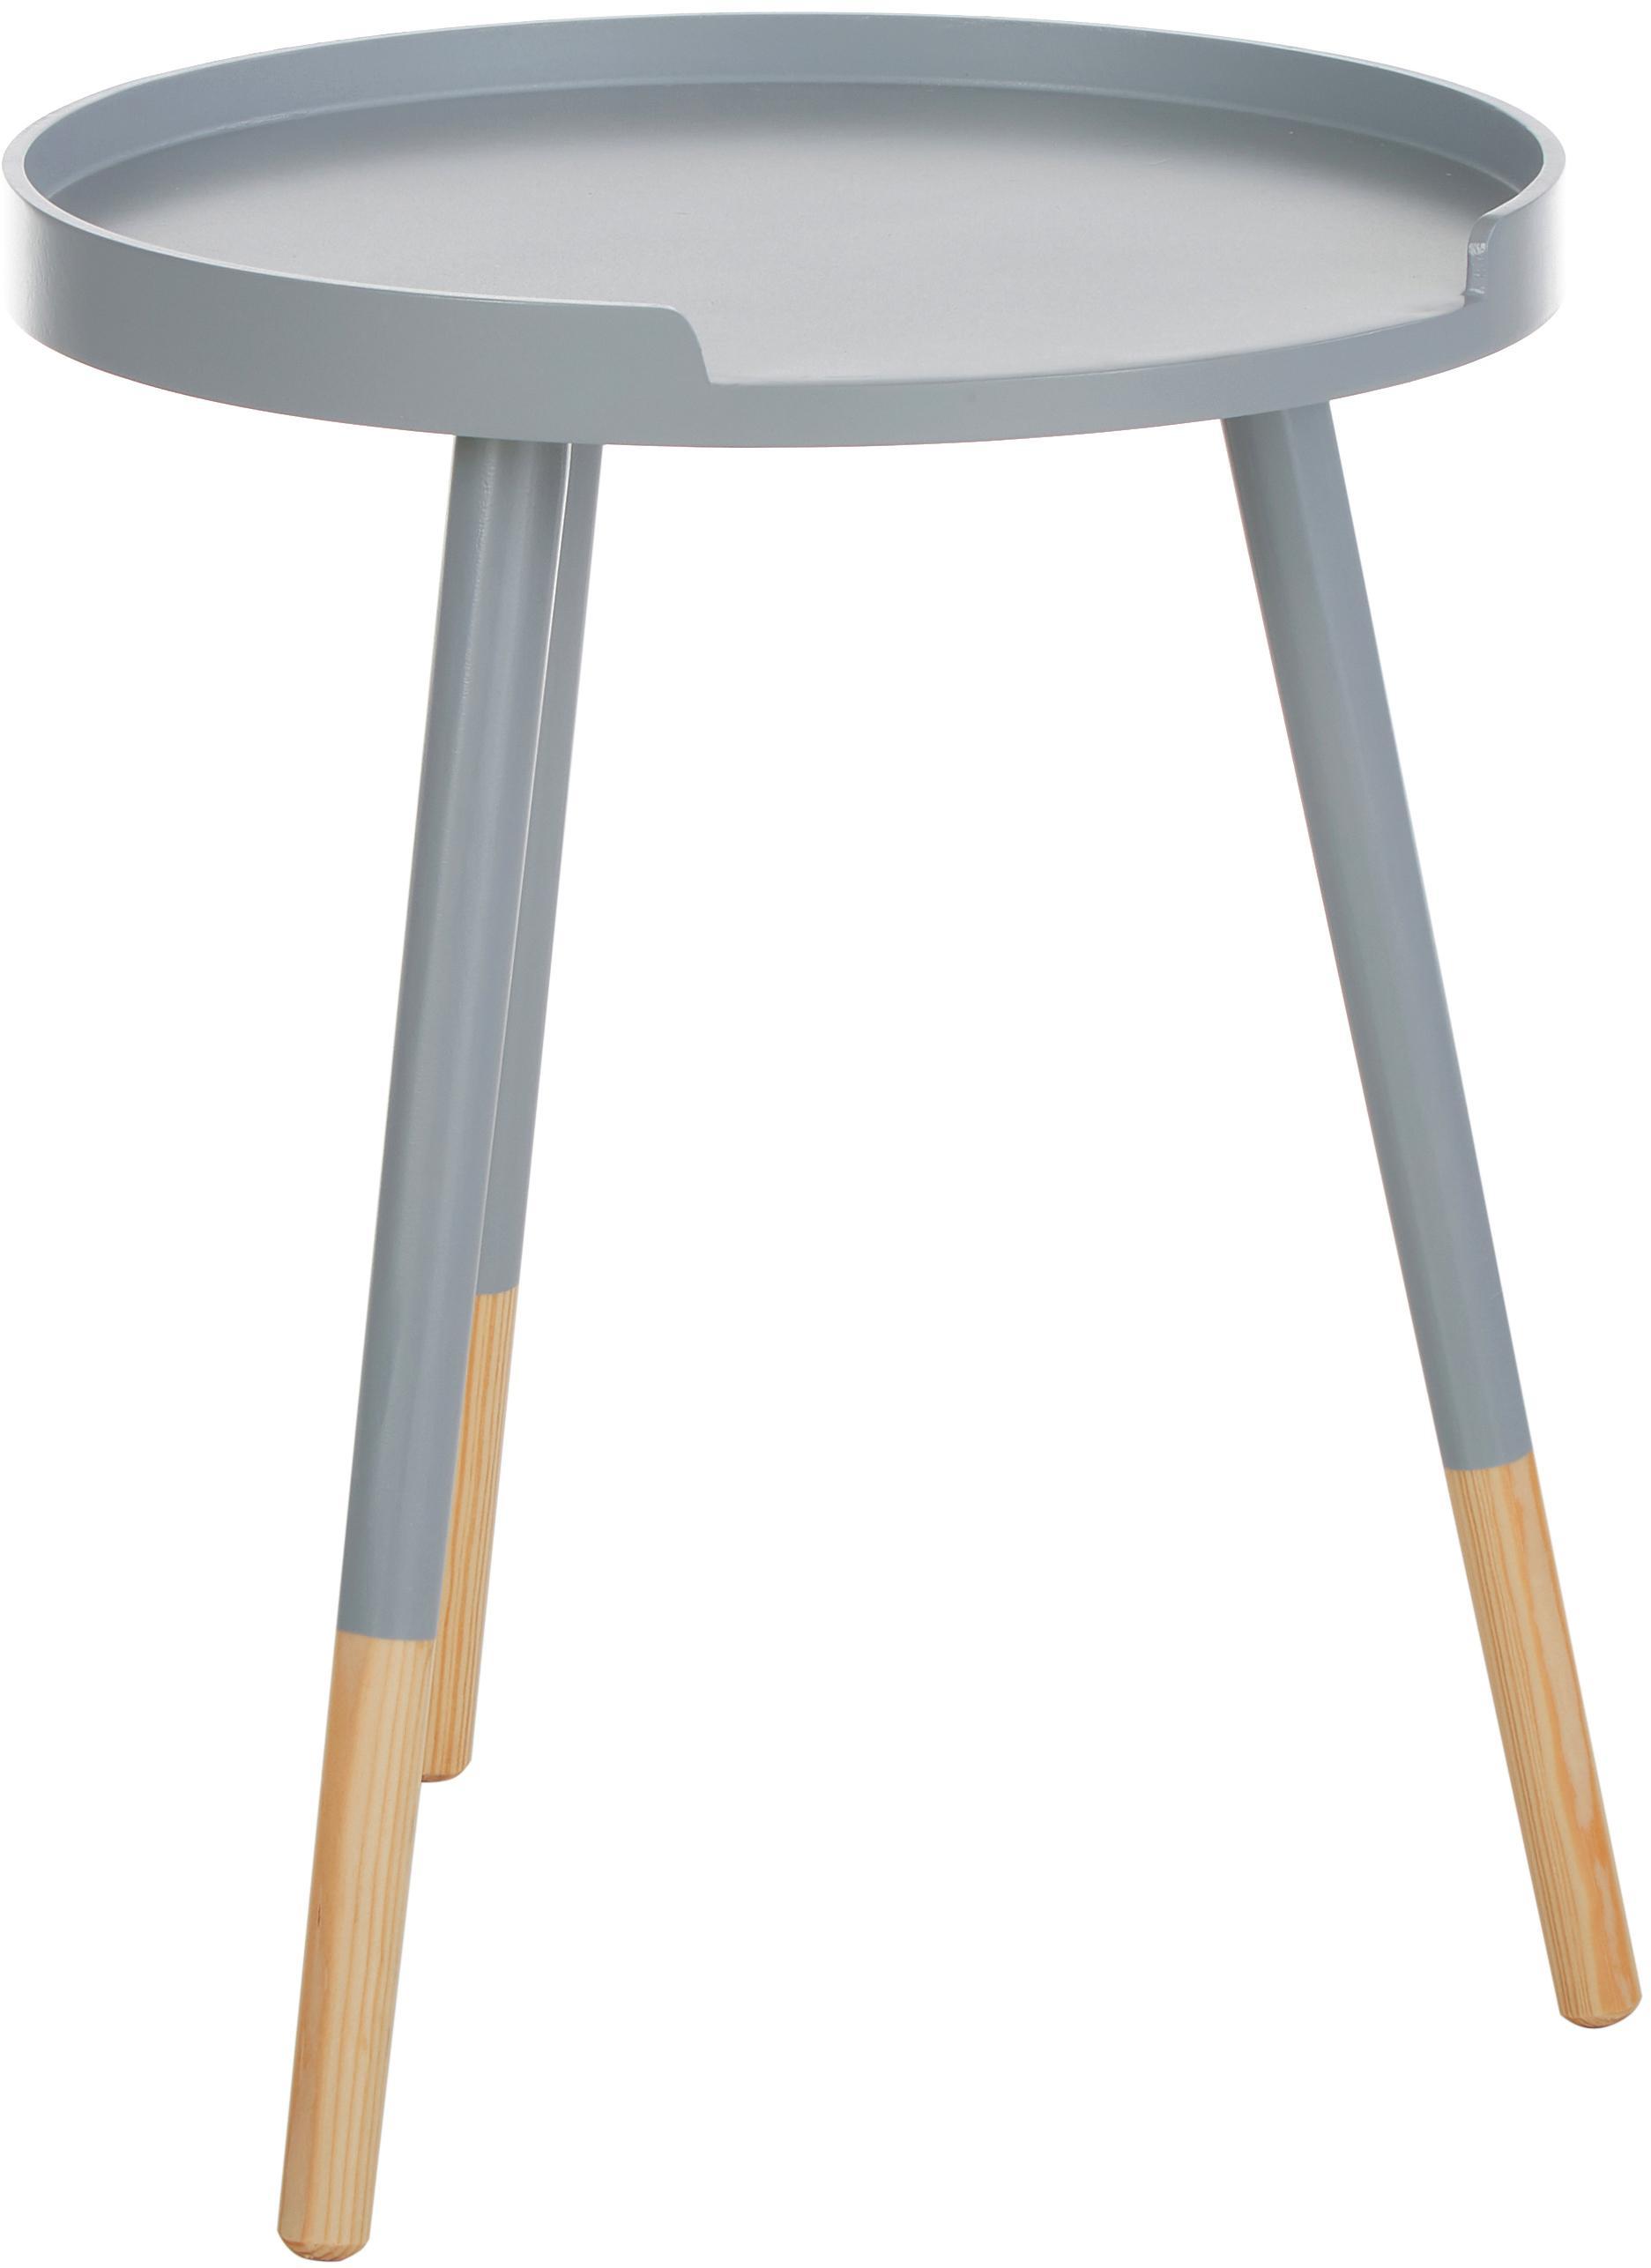 Okrągły stolik pomocniczy Ralph, Szary, beżowy, Ø 40 x W 49 cm